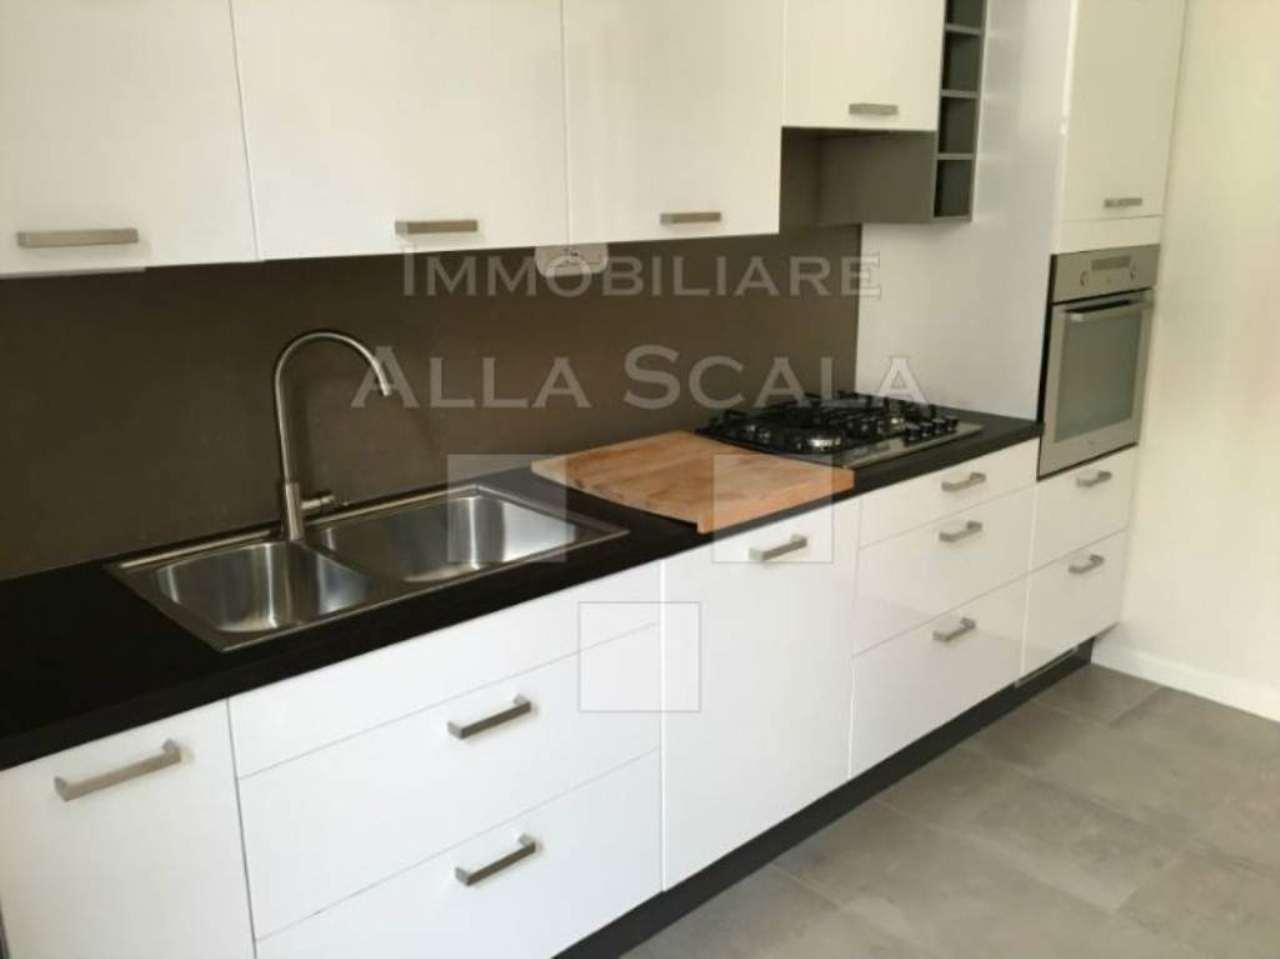 Appartamento in affitto a milano via pietro maestri for Appartamento design affitto milano